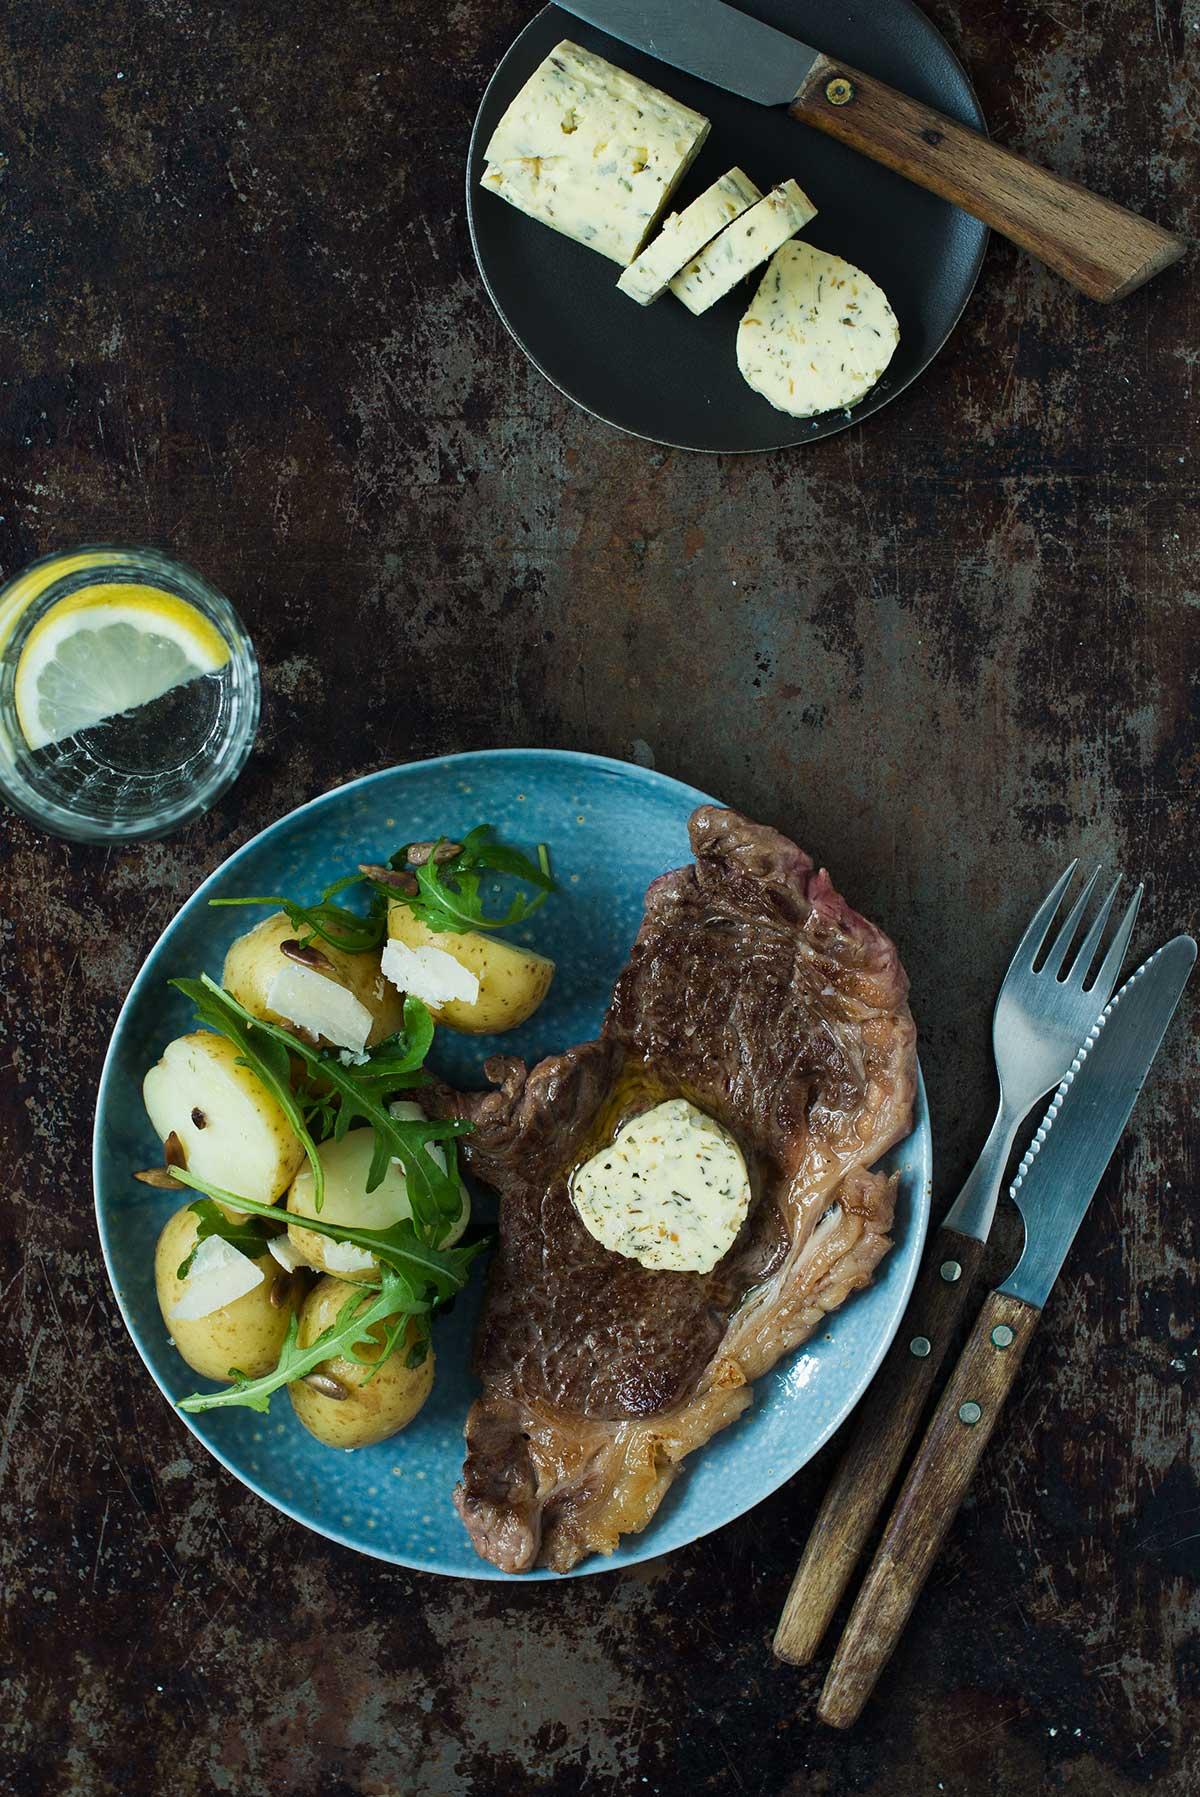 Recept: Kryddsmör med smak av bearnaise | Frk. Kräsen